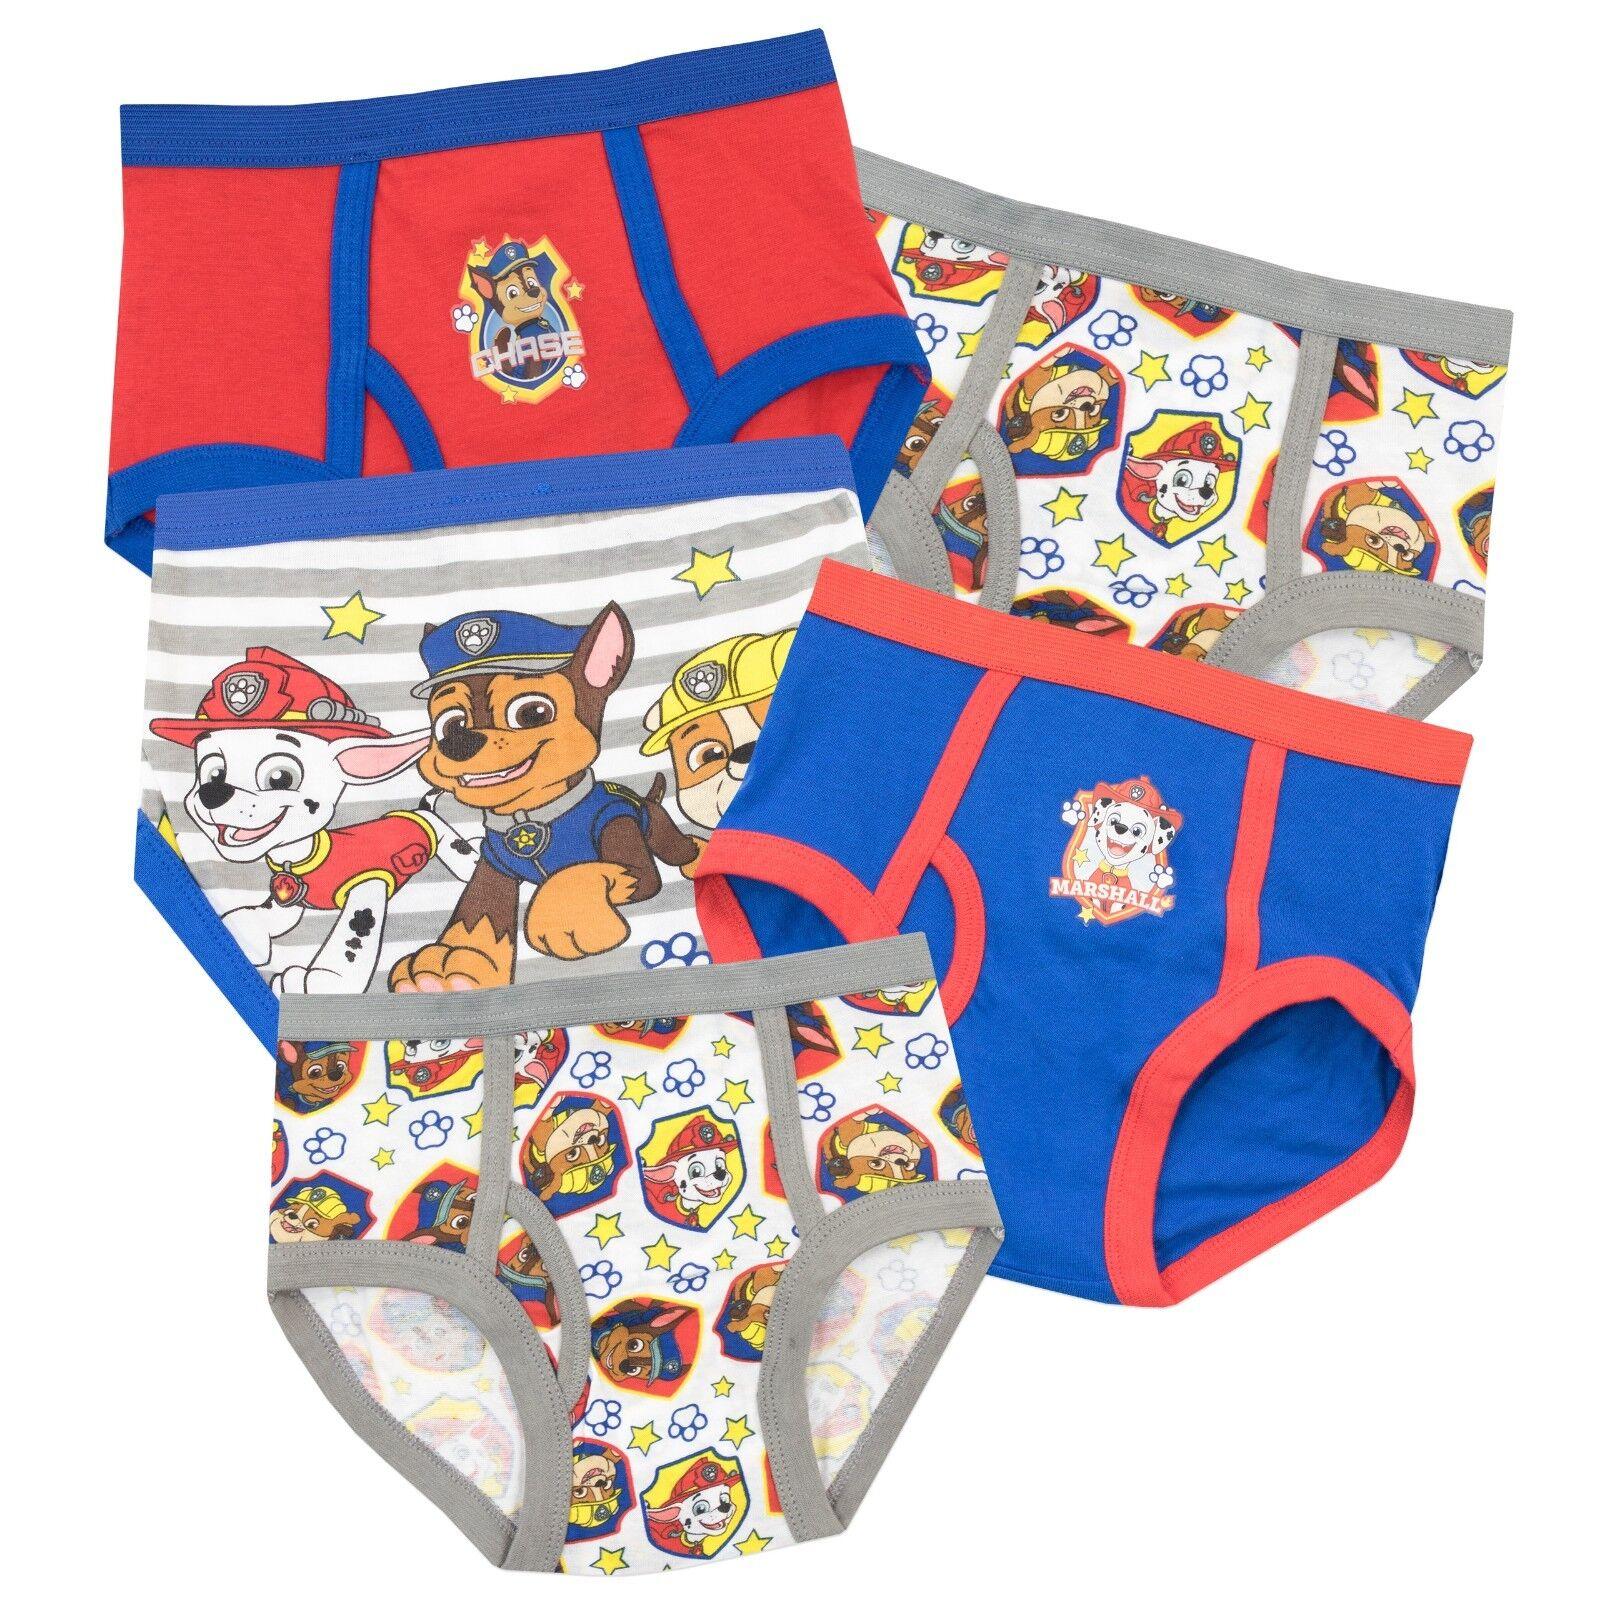 underwear pack of 5 boys undies kids